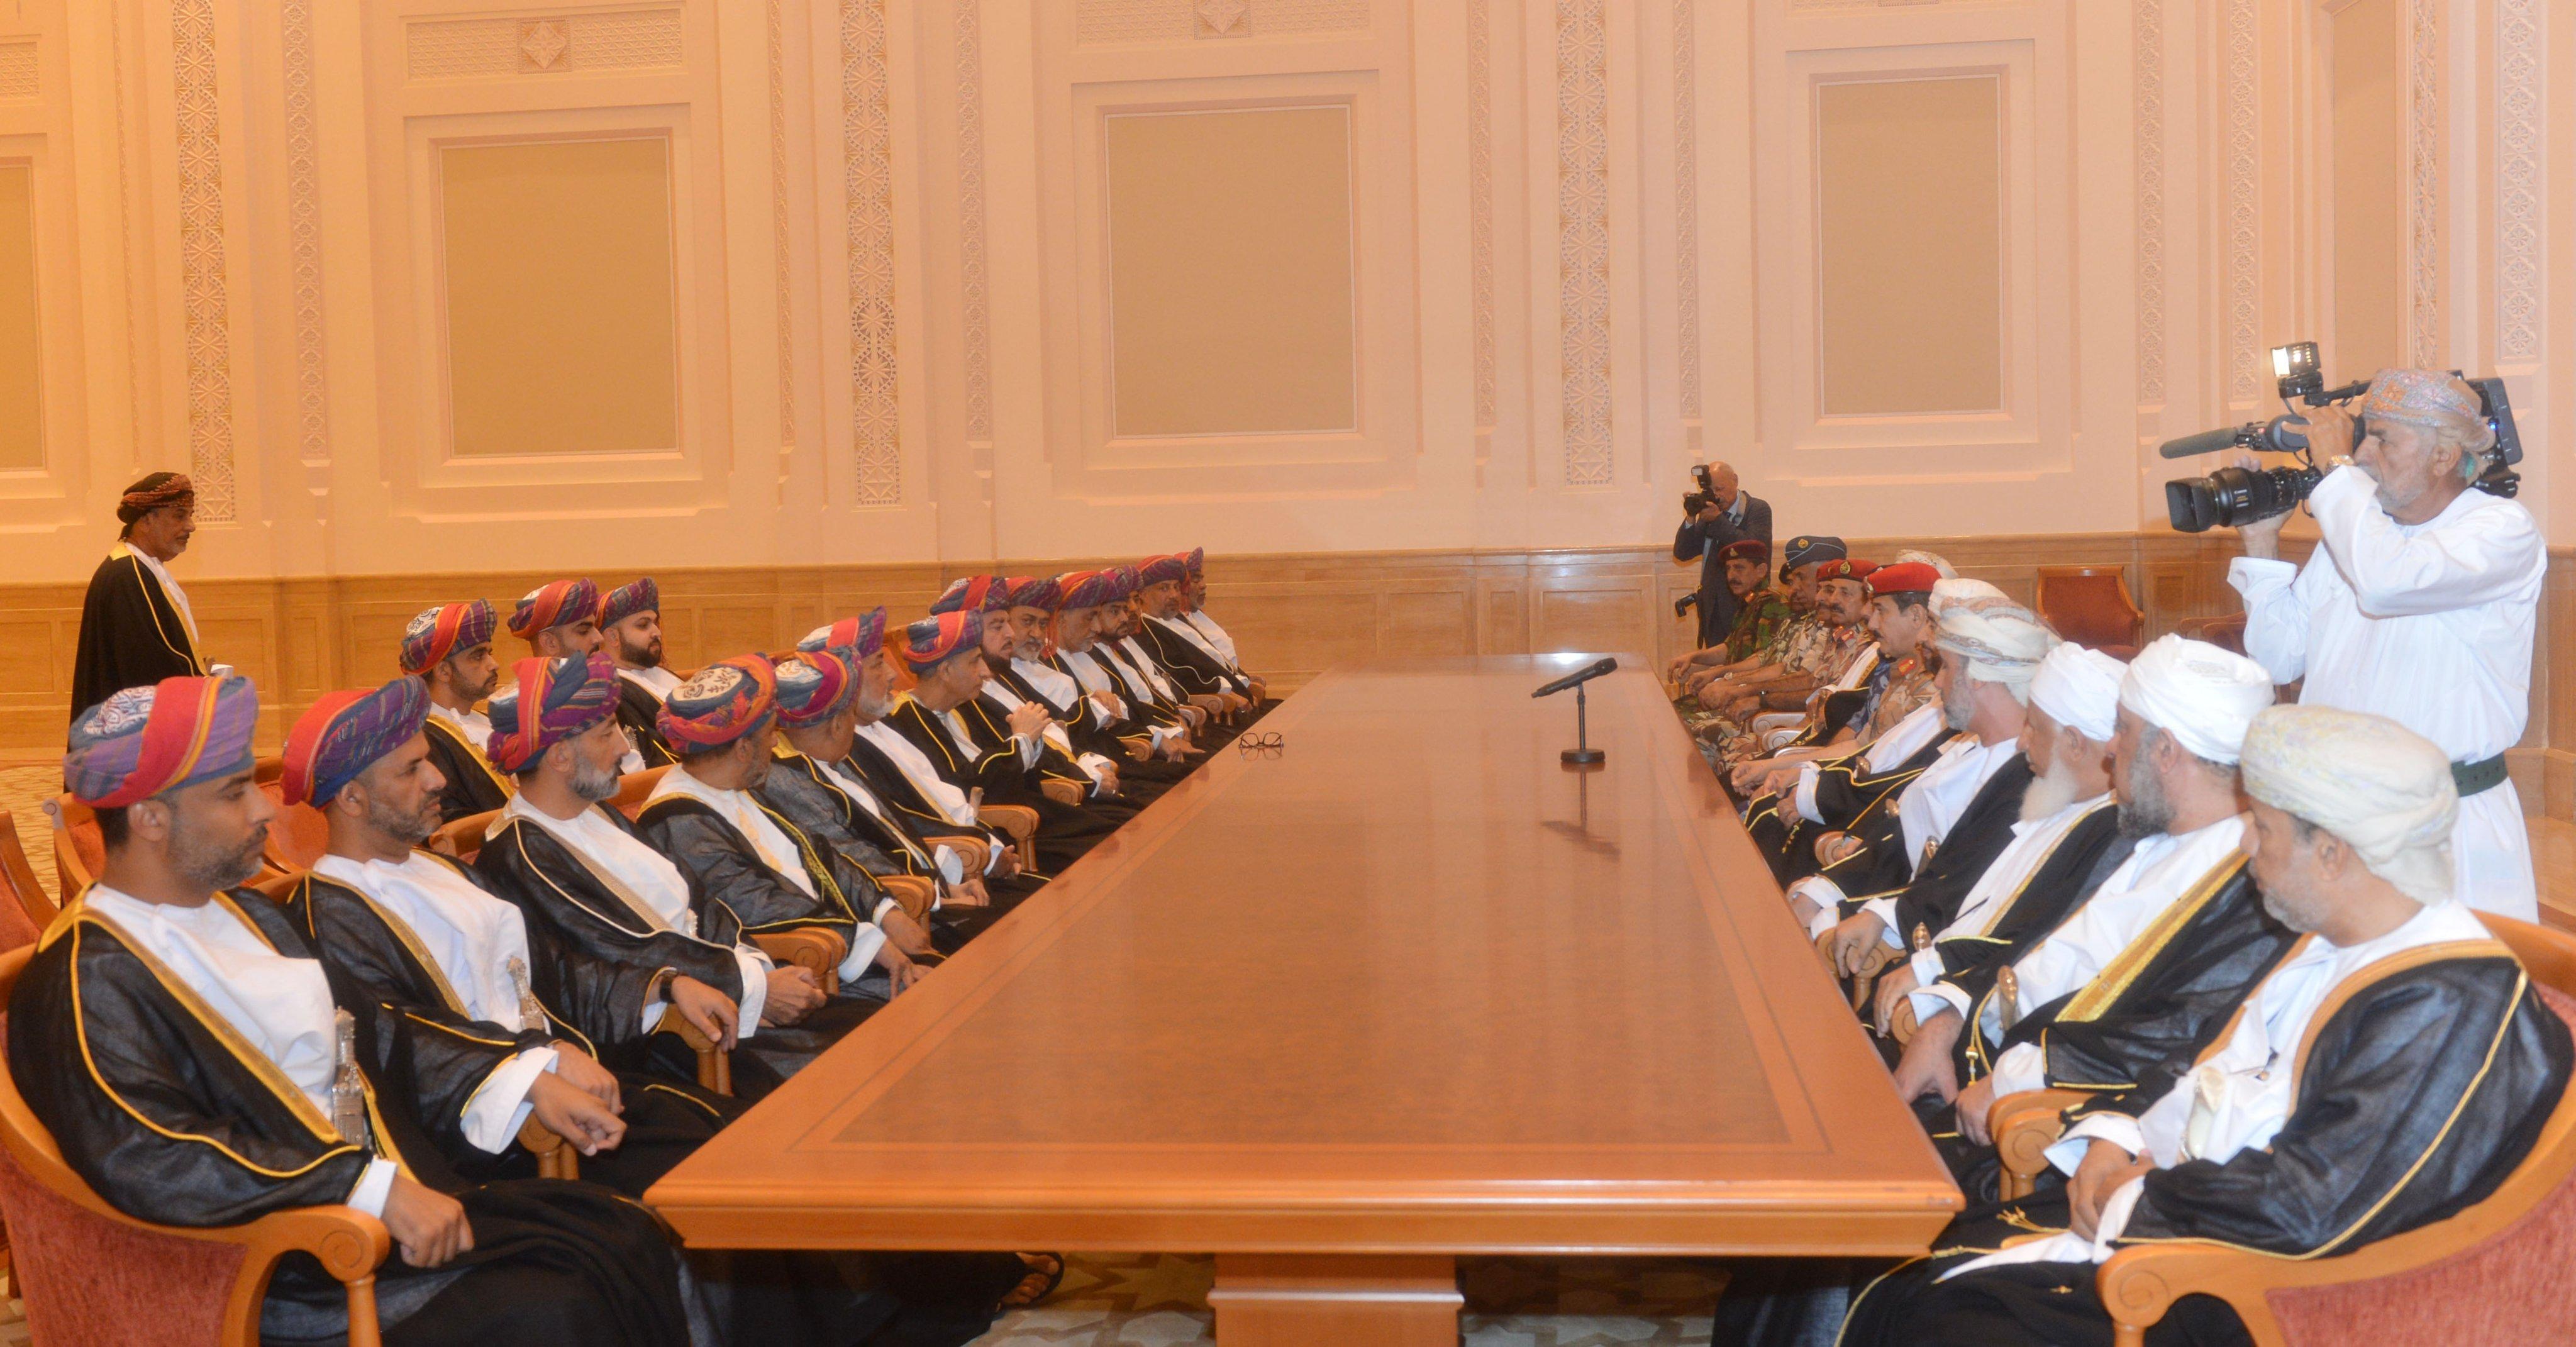 بيان مجلس الدفاع : تنصيب هيثم بن طارق آل سعيد سلطانا لعُمان وفقاً للوصية